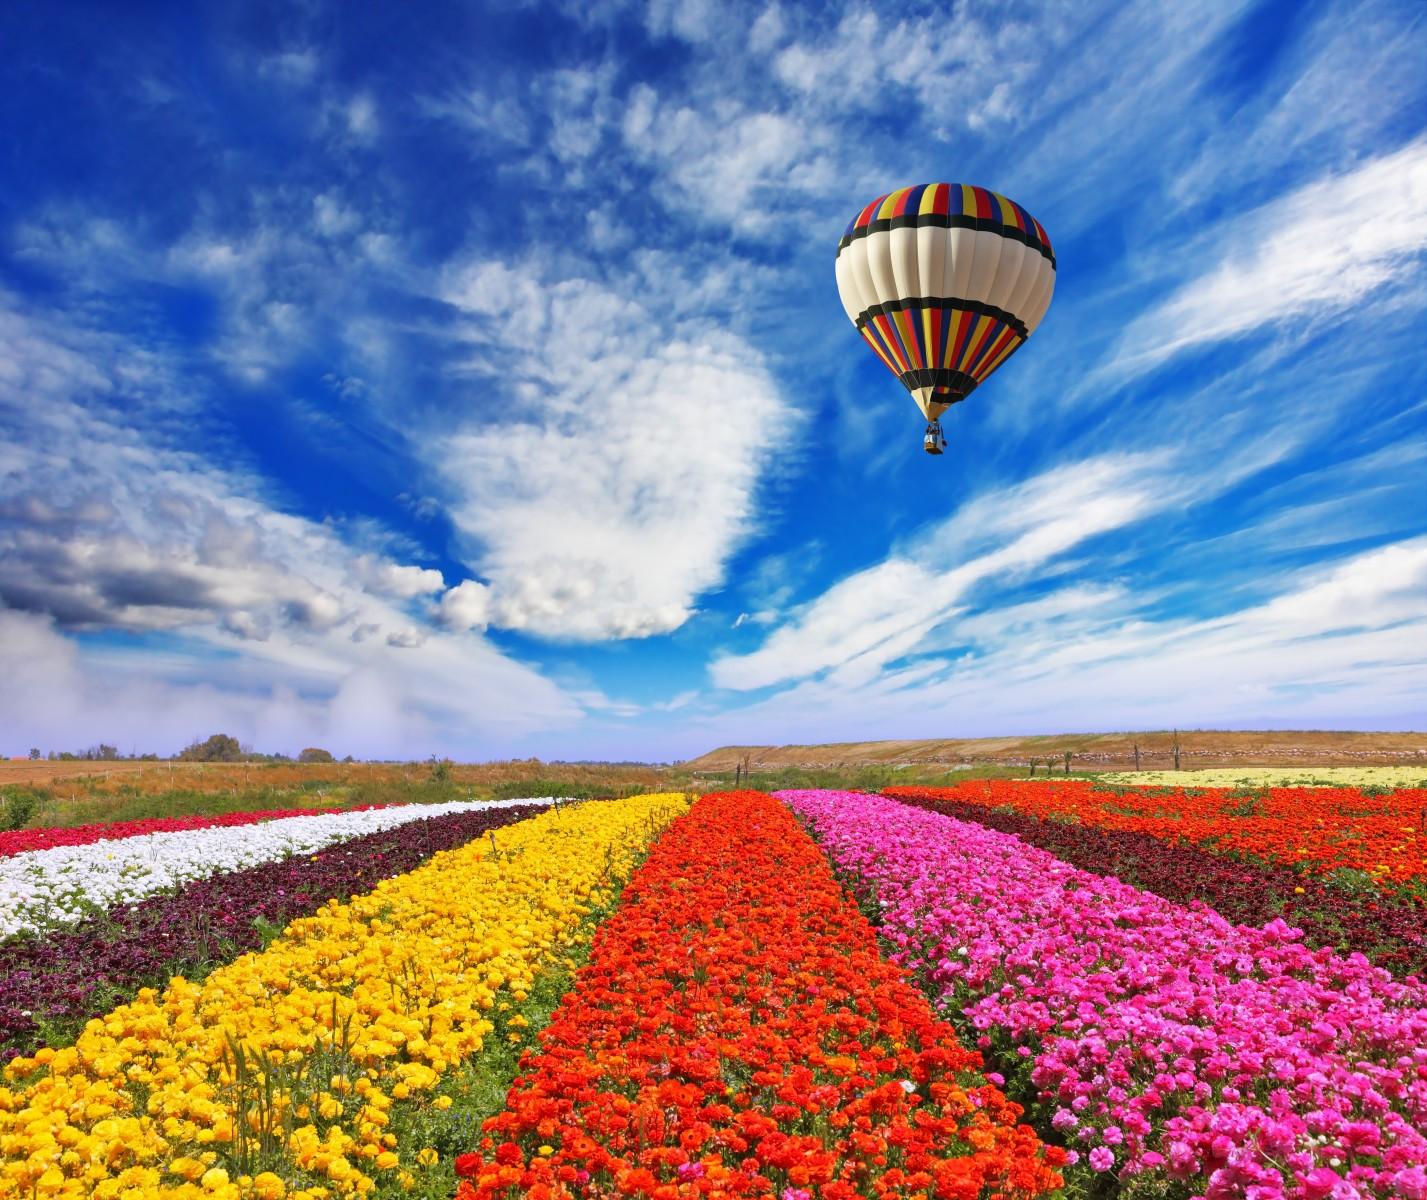 Primavera in arrivo sfondi collection 9 wallpapers for Immagini primavera desktop